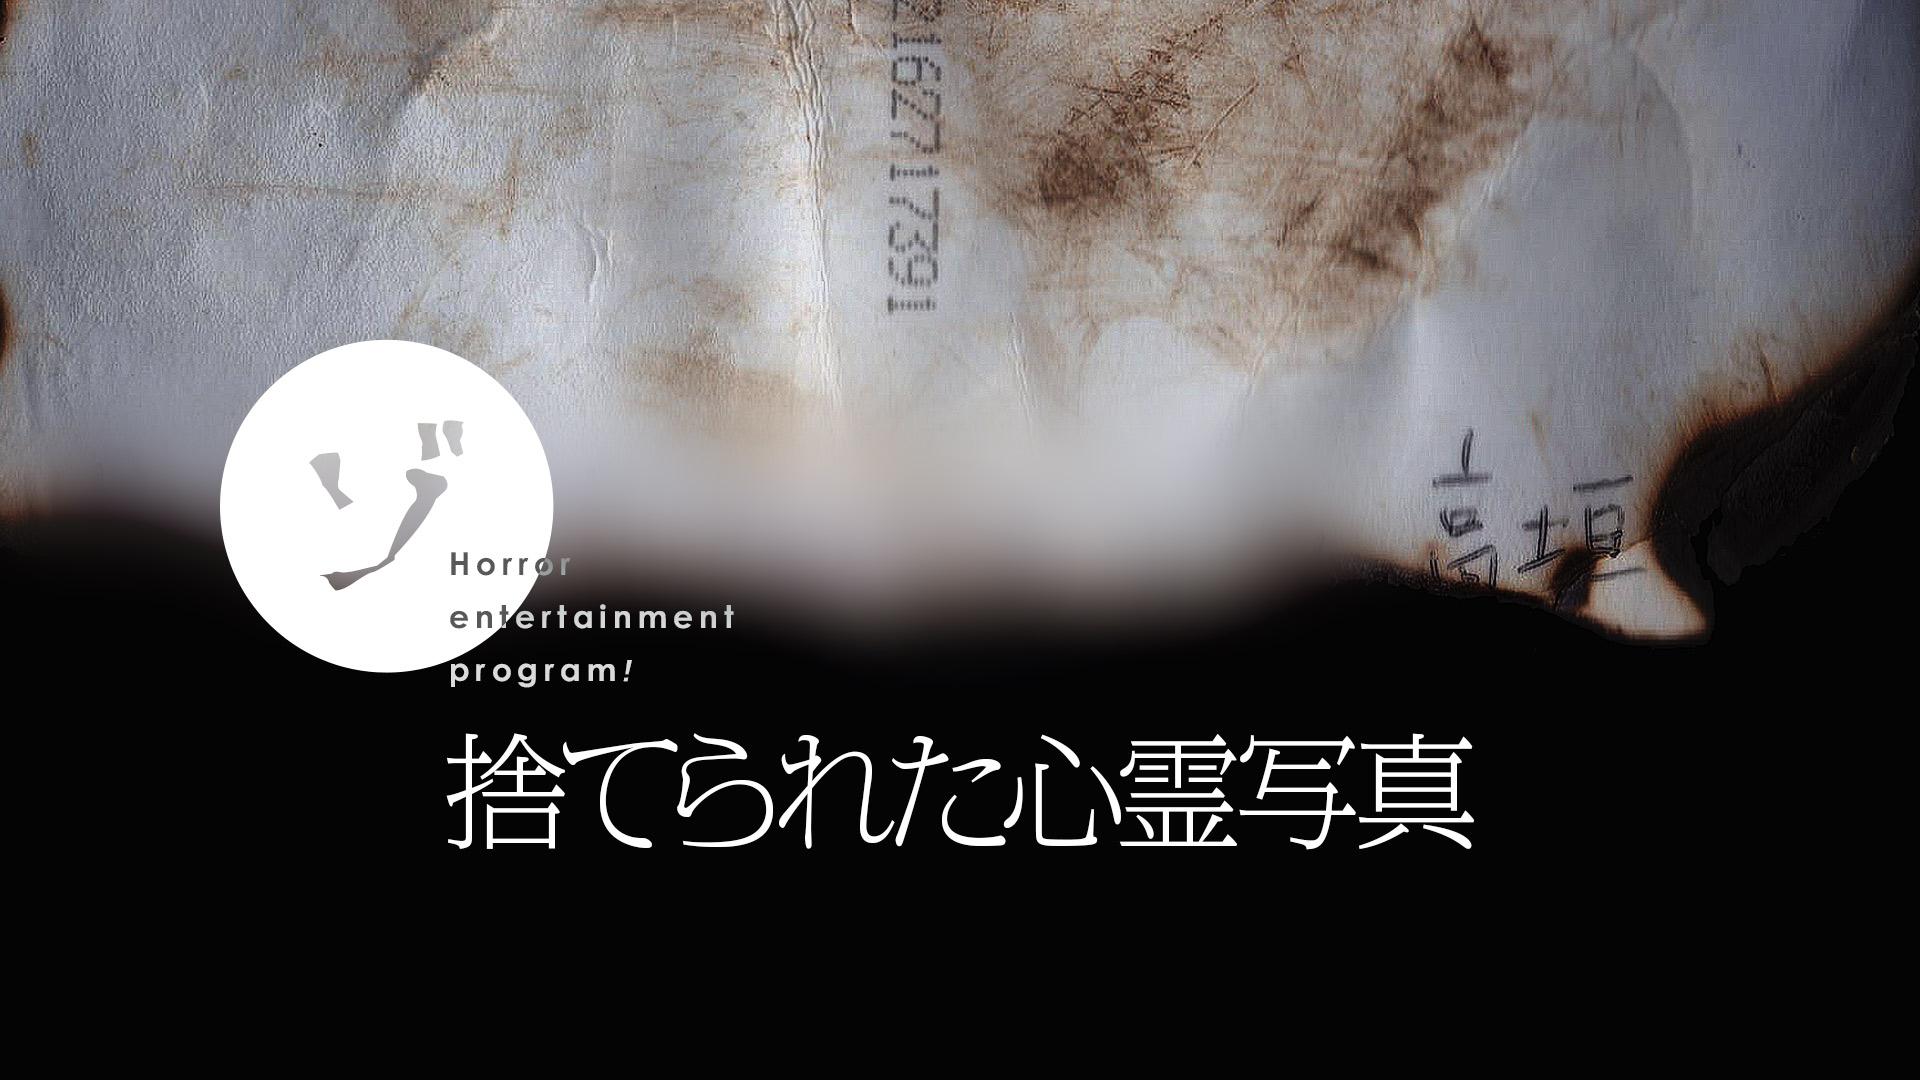 告知なしのサプライズ配信!衝撃の最新作「捨てられた心霊写真」ゾゾゾの裏面にて配信中!